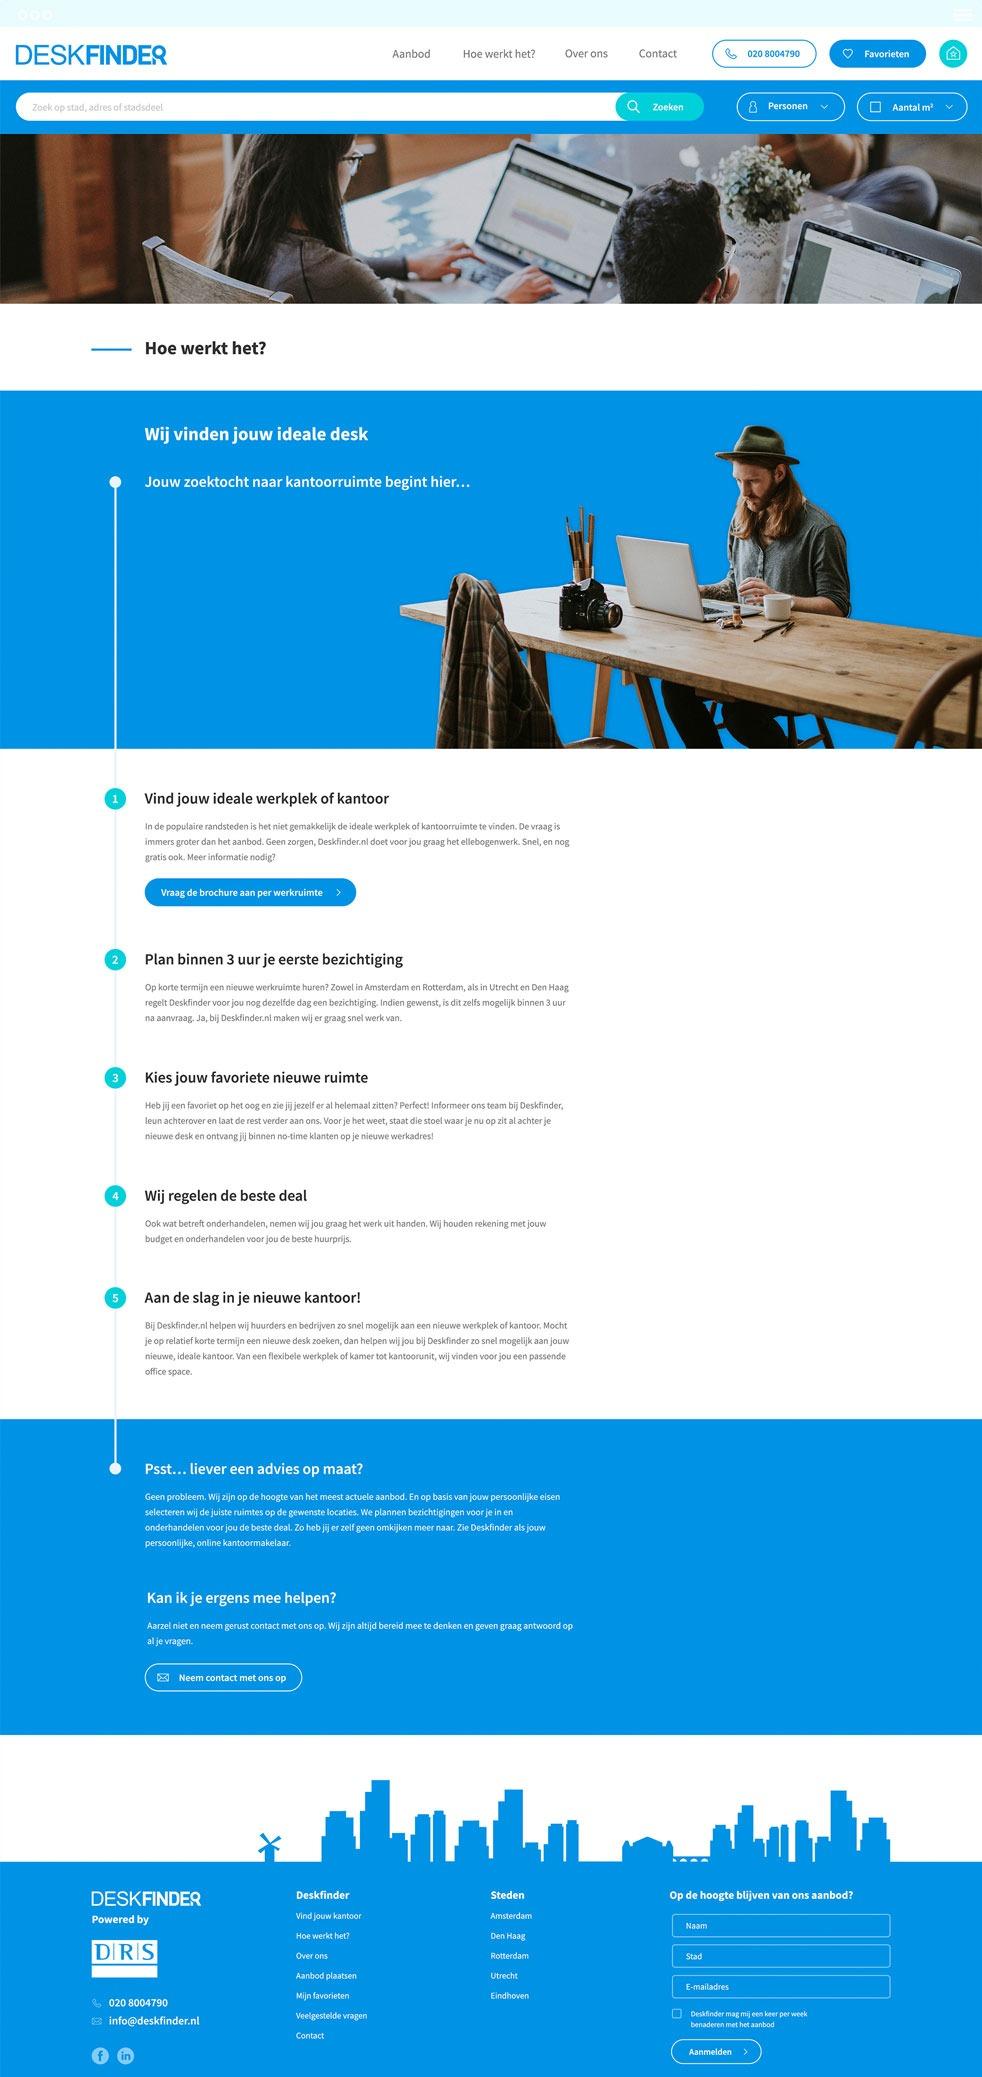 Deskfinder webpagina met uitleg over het concept